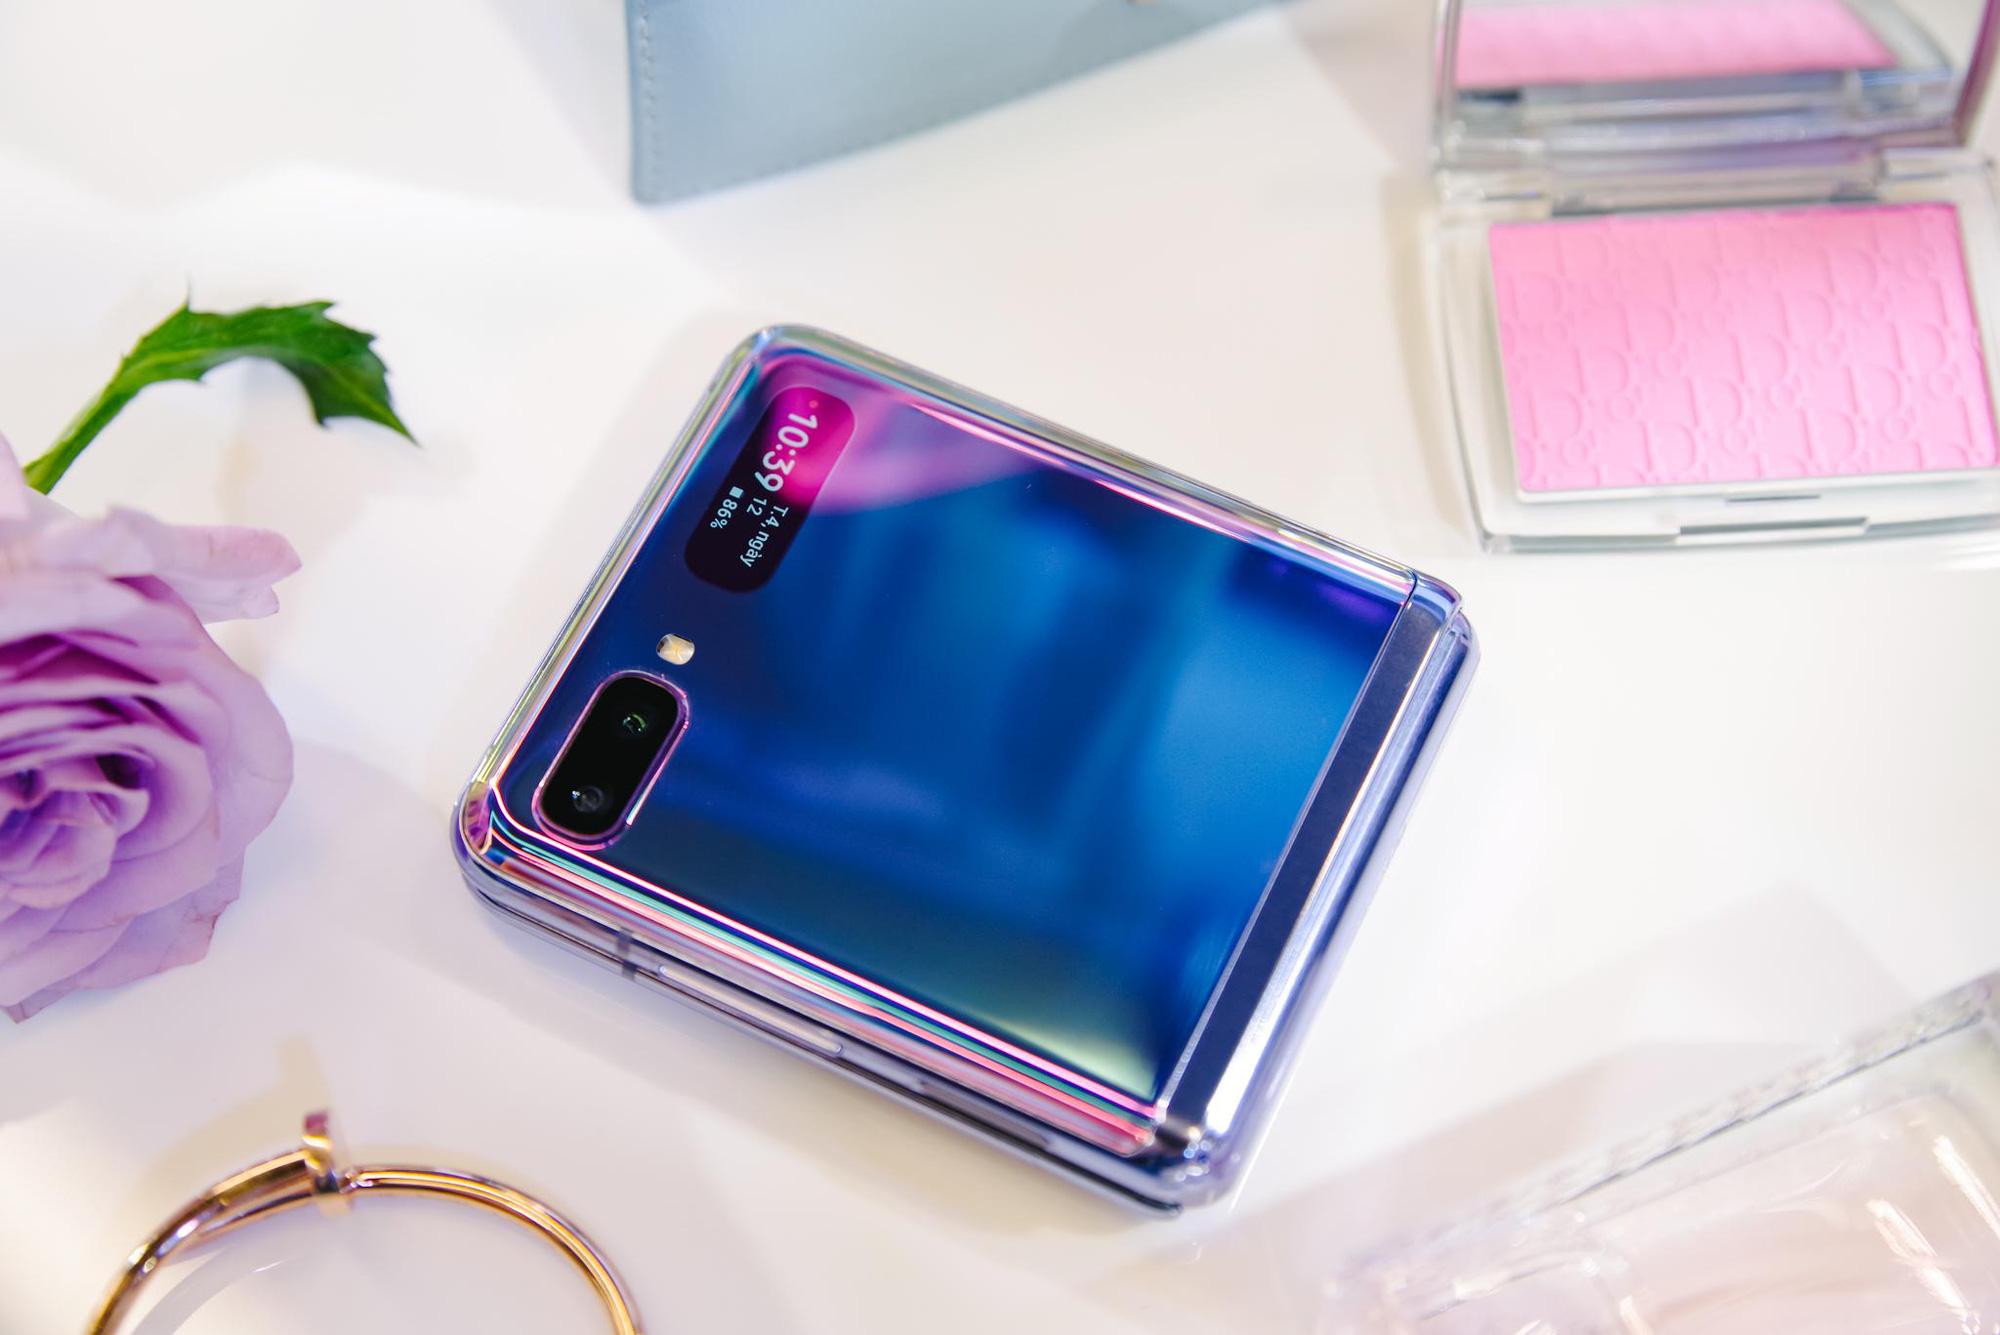 """Chỉ thêm khả năng """"gập"""" nhưng Galaxy Z Flip đã thay đổi hoàn toàn cách chúng ta nhìn nhận về điện thoại như thế nào? - Ảnh 1."""